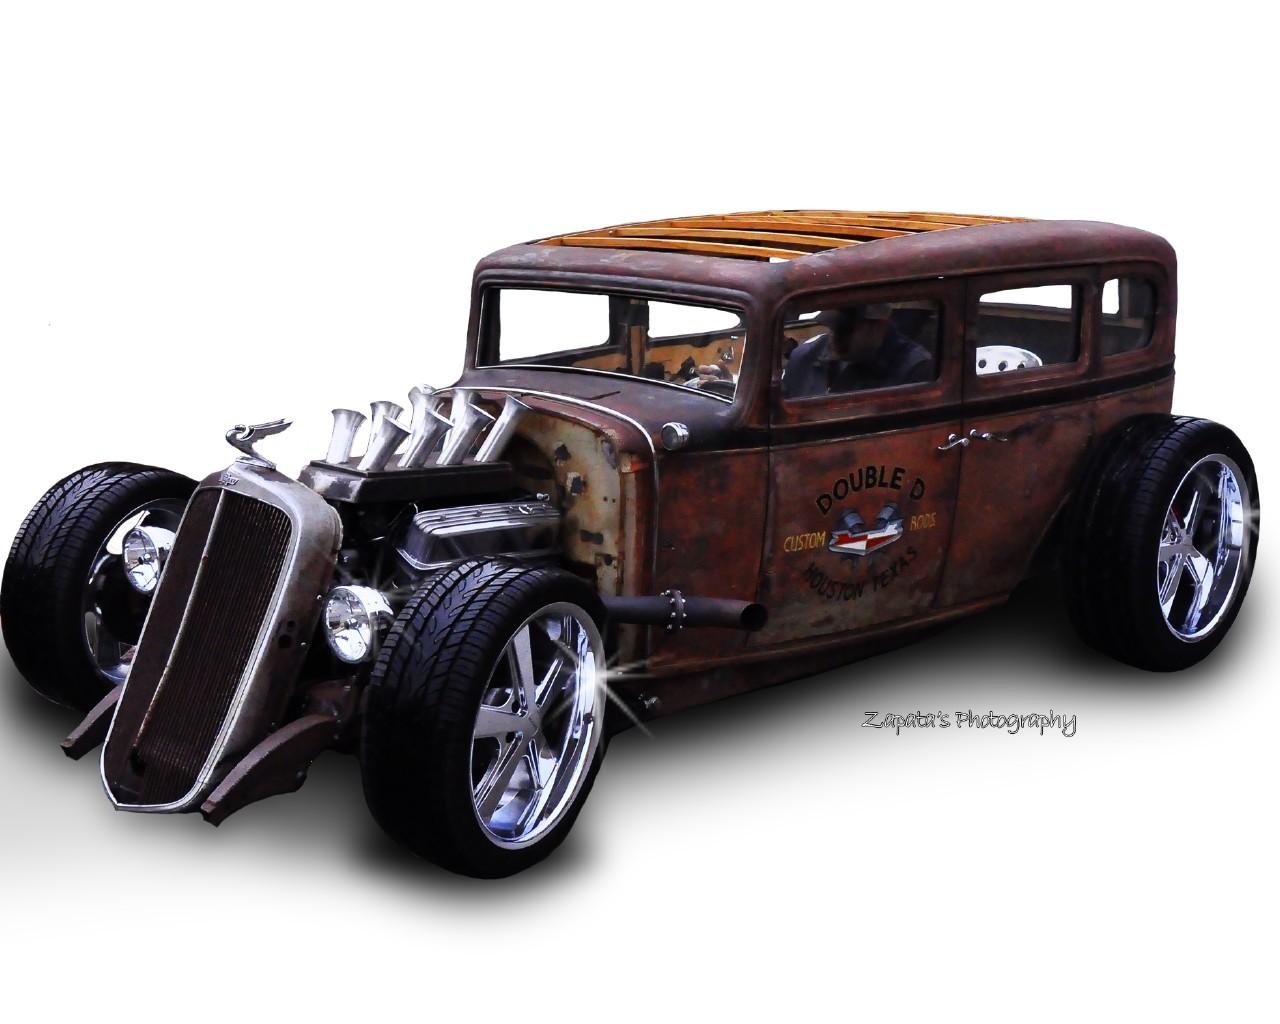 Wallpaper Hot rod rat rod Rod Rat Hot Rusty Cars Machines 1280x1024